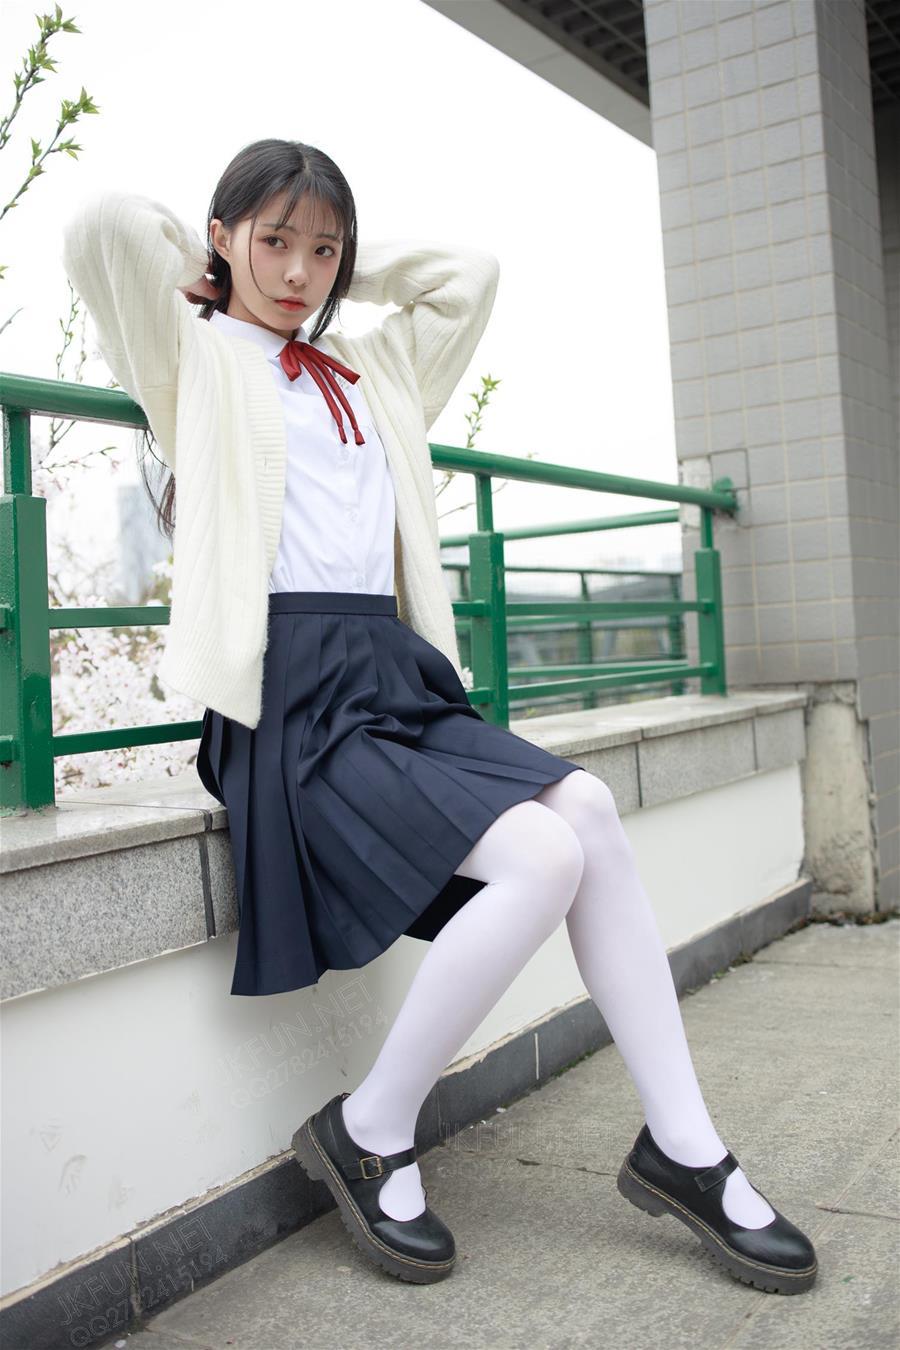 森萝财团 JKFUN-001 甜米 纯纯的白丝学妹 [127P1V-2.23GB] 森萝财团-第3张